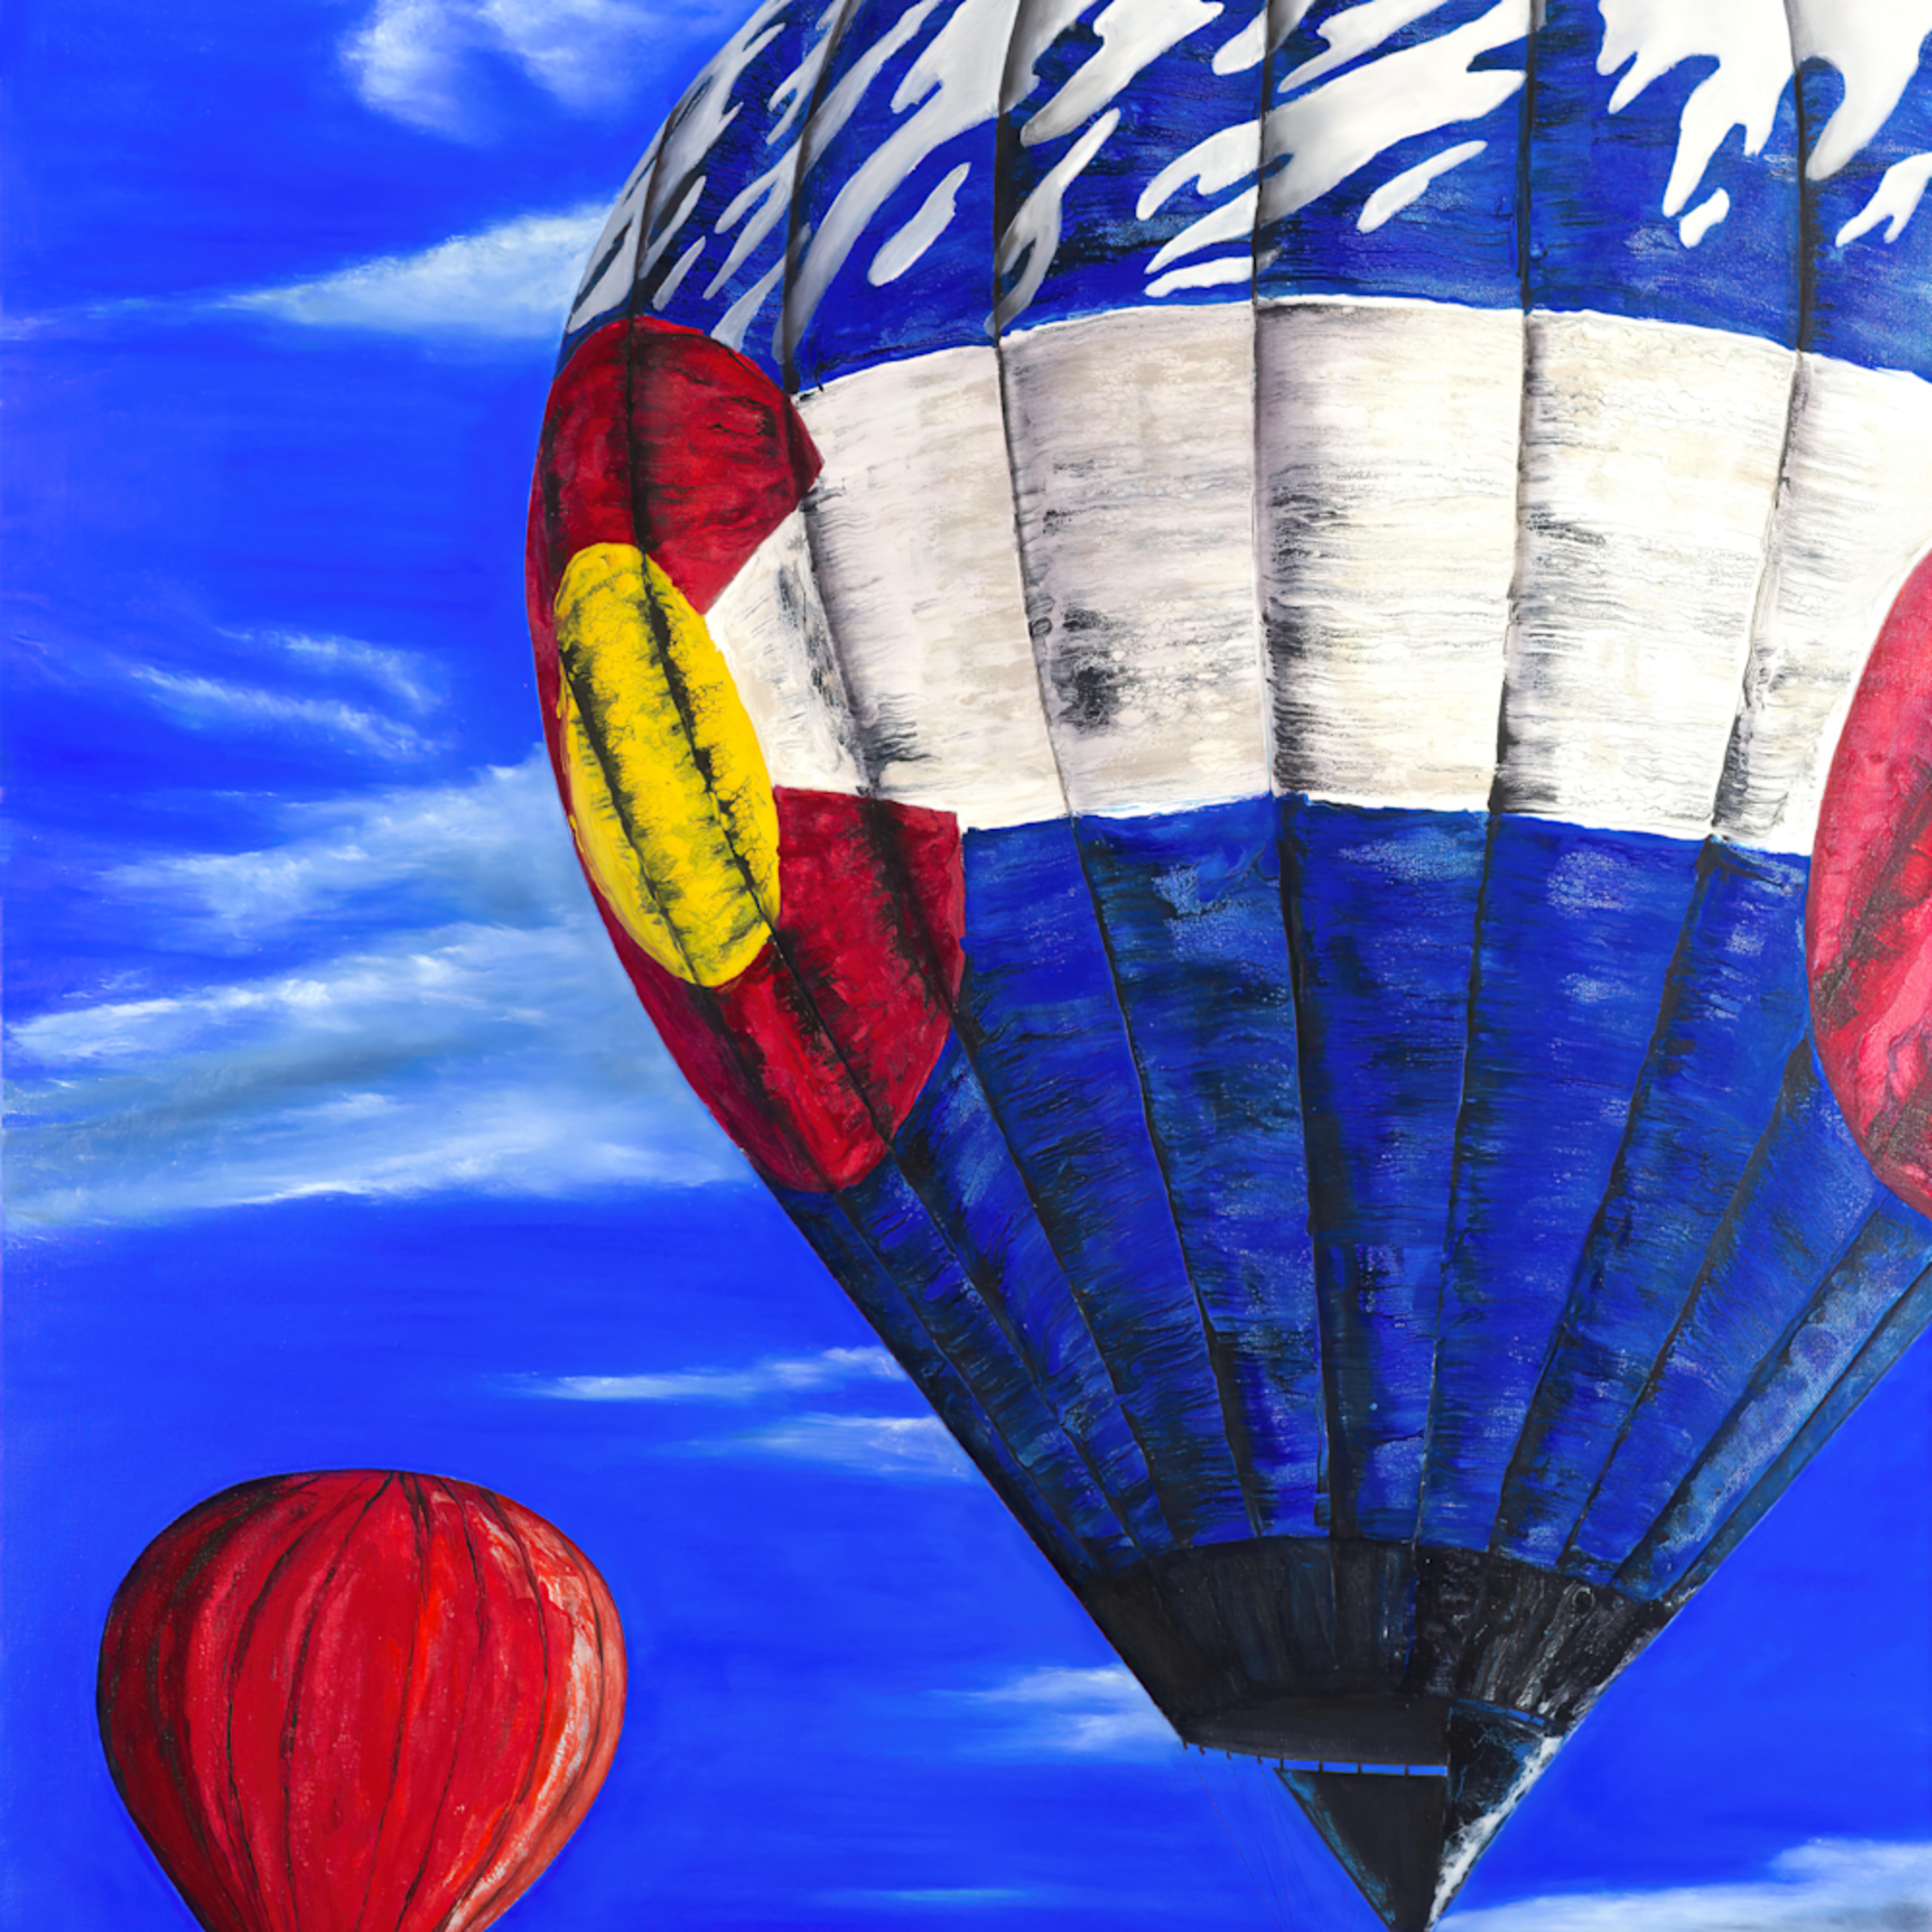 Ballon colorado full lrg eks3zm